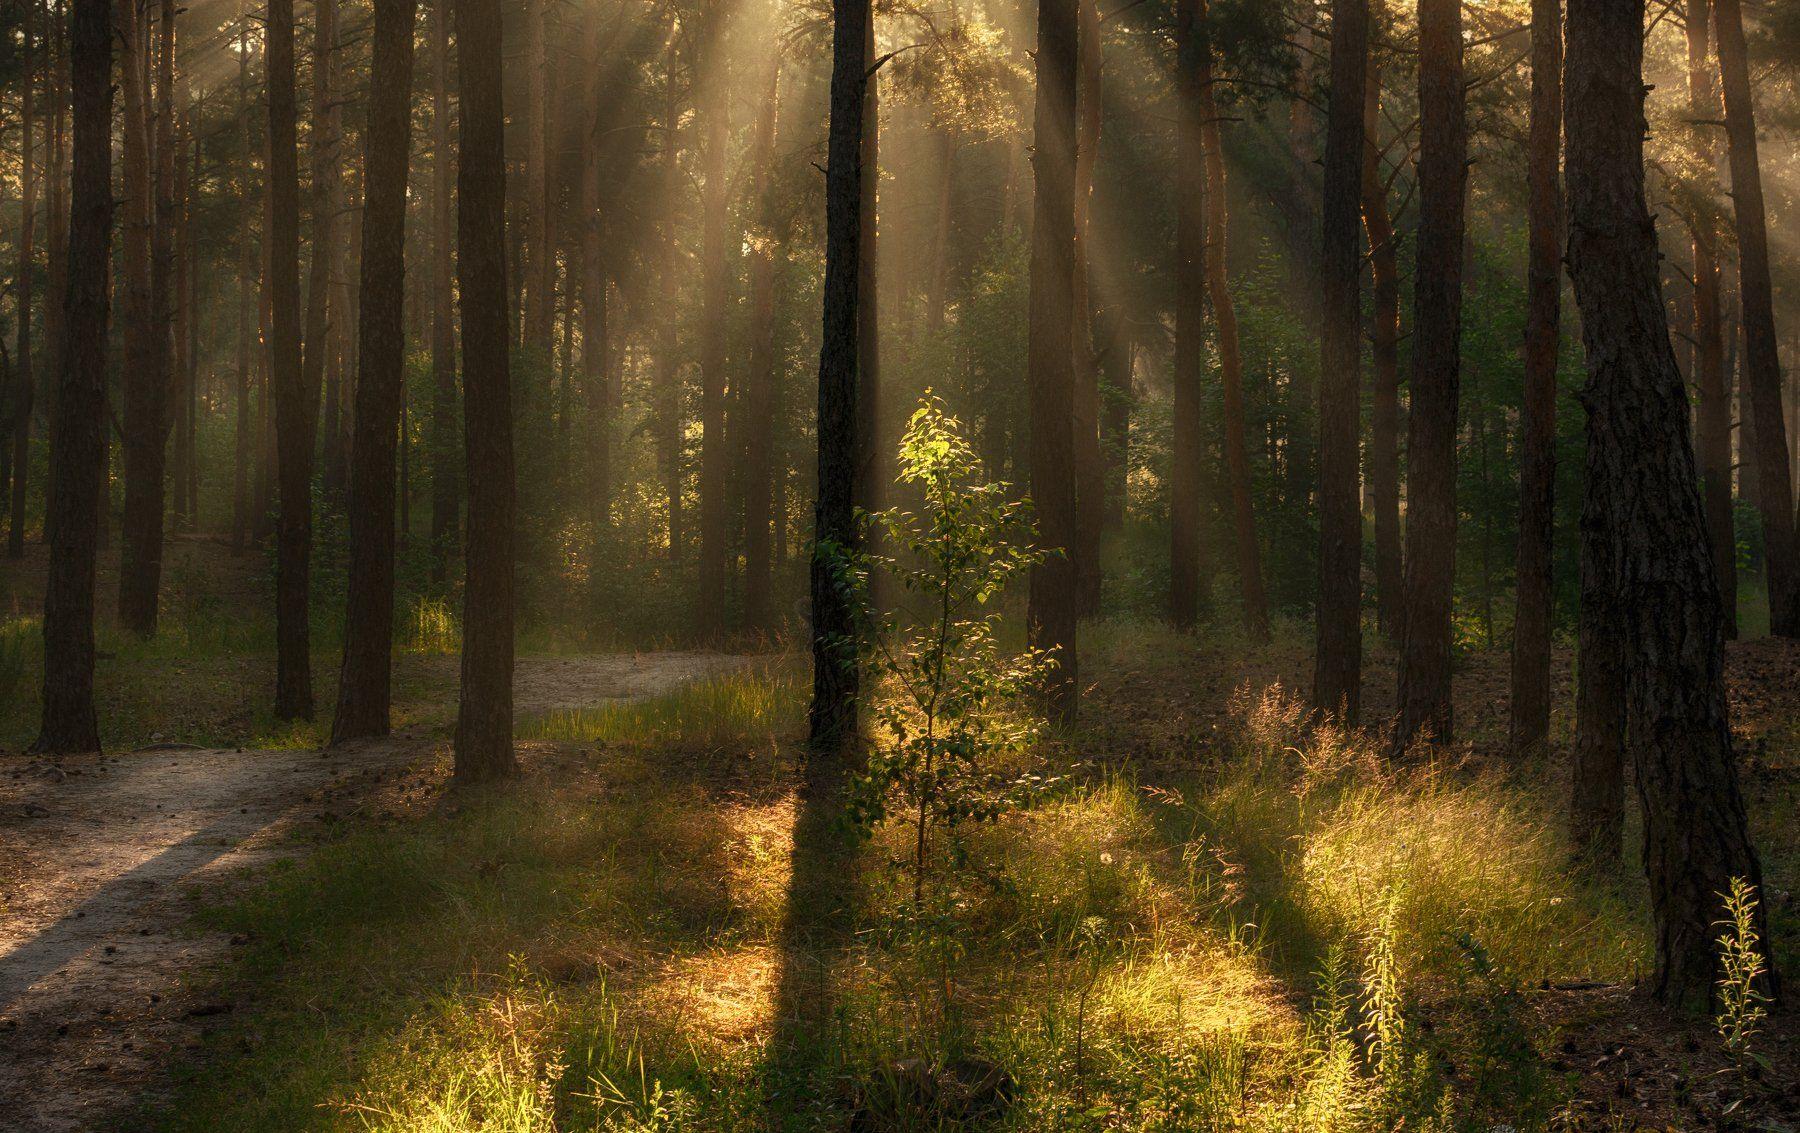 landscape, пейзаж, утро, лес, сосны, деревья, солнечный свет, солнечные лучи, солнце, природа, тропинка, прогулка, Михаил MSH